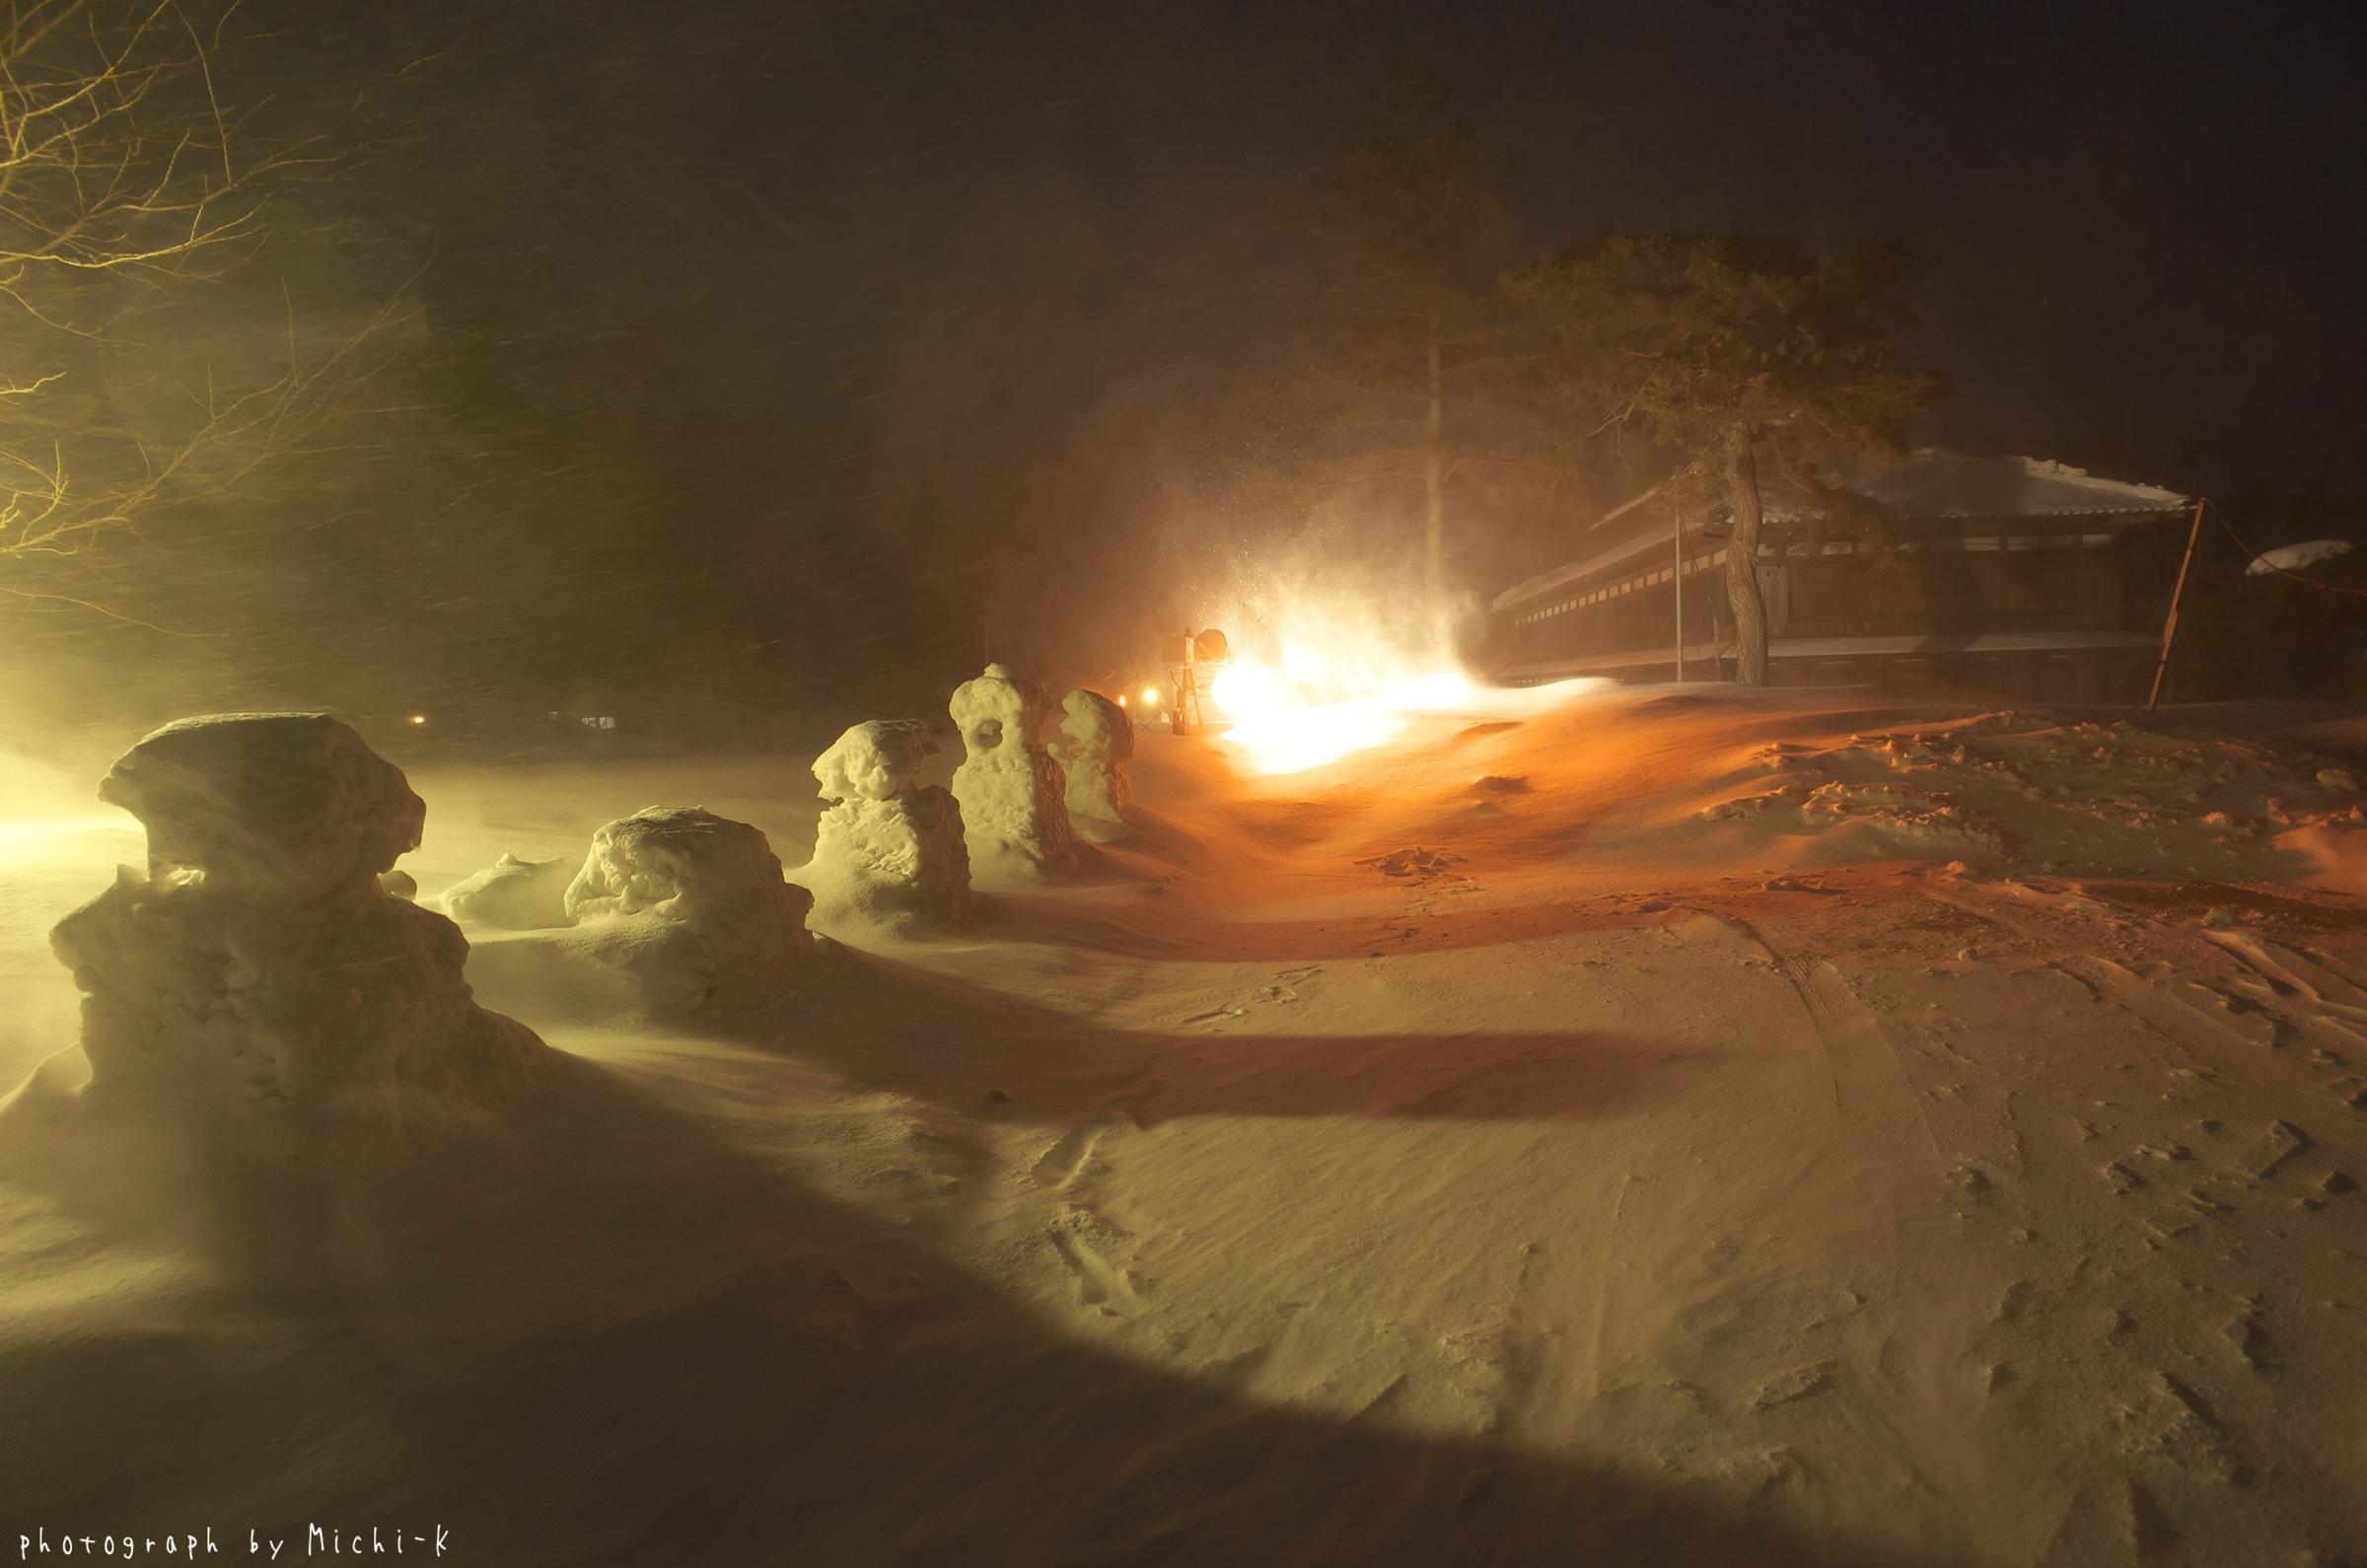 鶴岡市松ヶ丘雪灯篭まつり2018-2-18その8